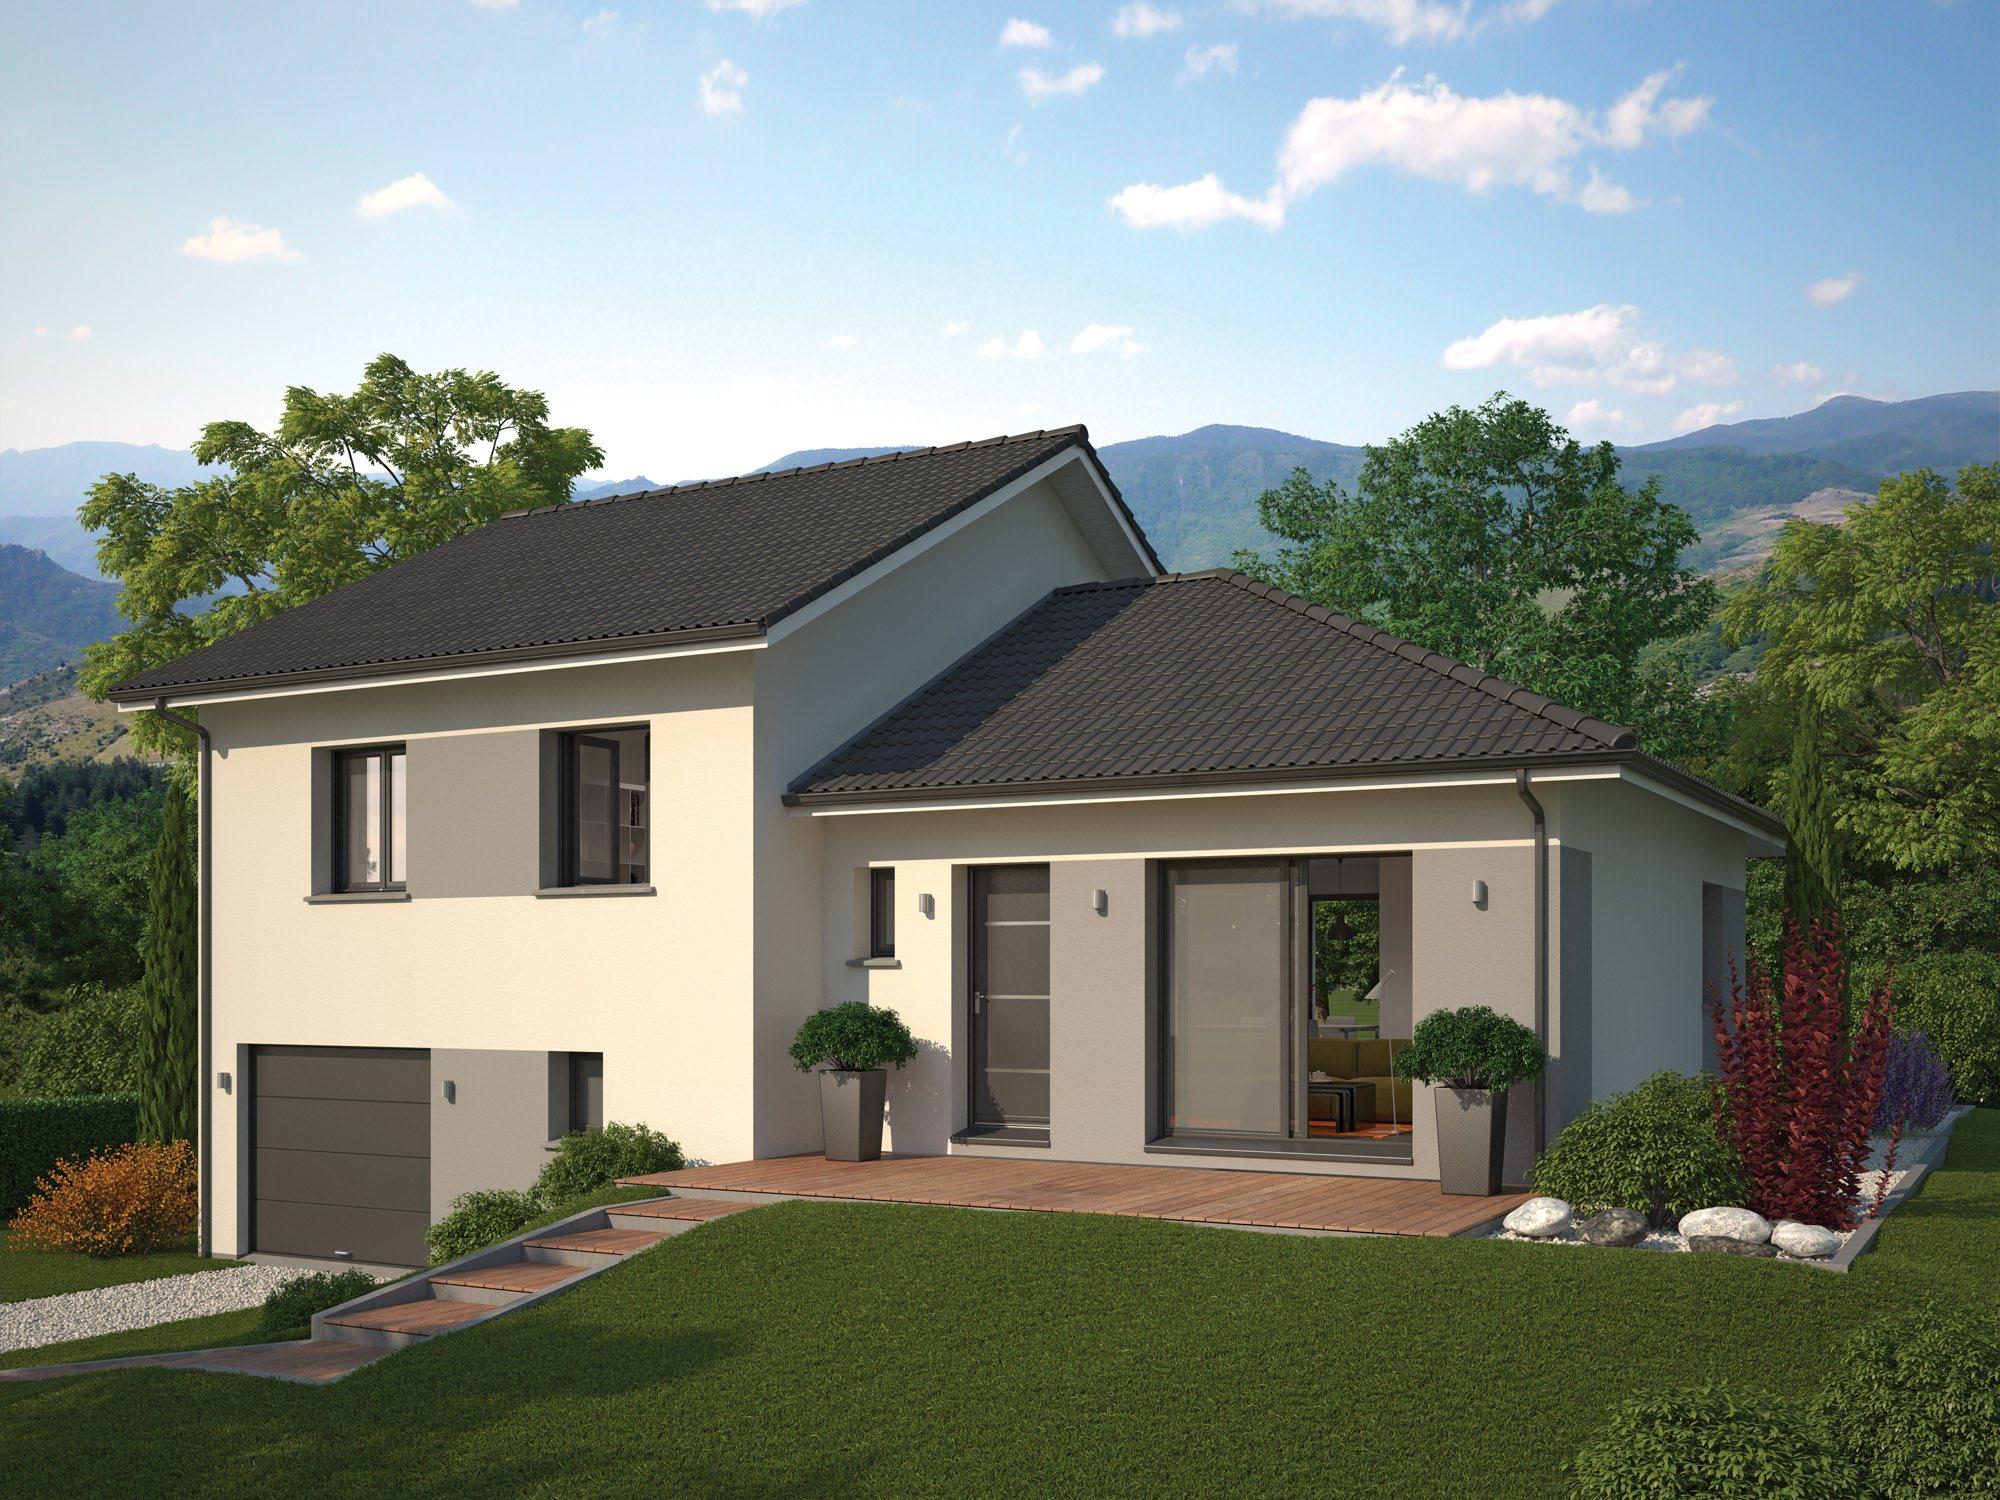 Maisons + Terrains du constructeur MAISON FAMILIALE • 97 m² • VILLEFRANCHE SUR SAONE